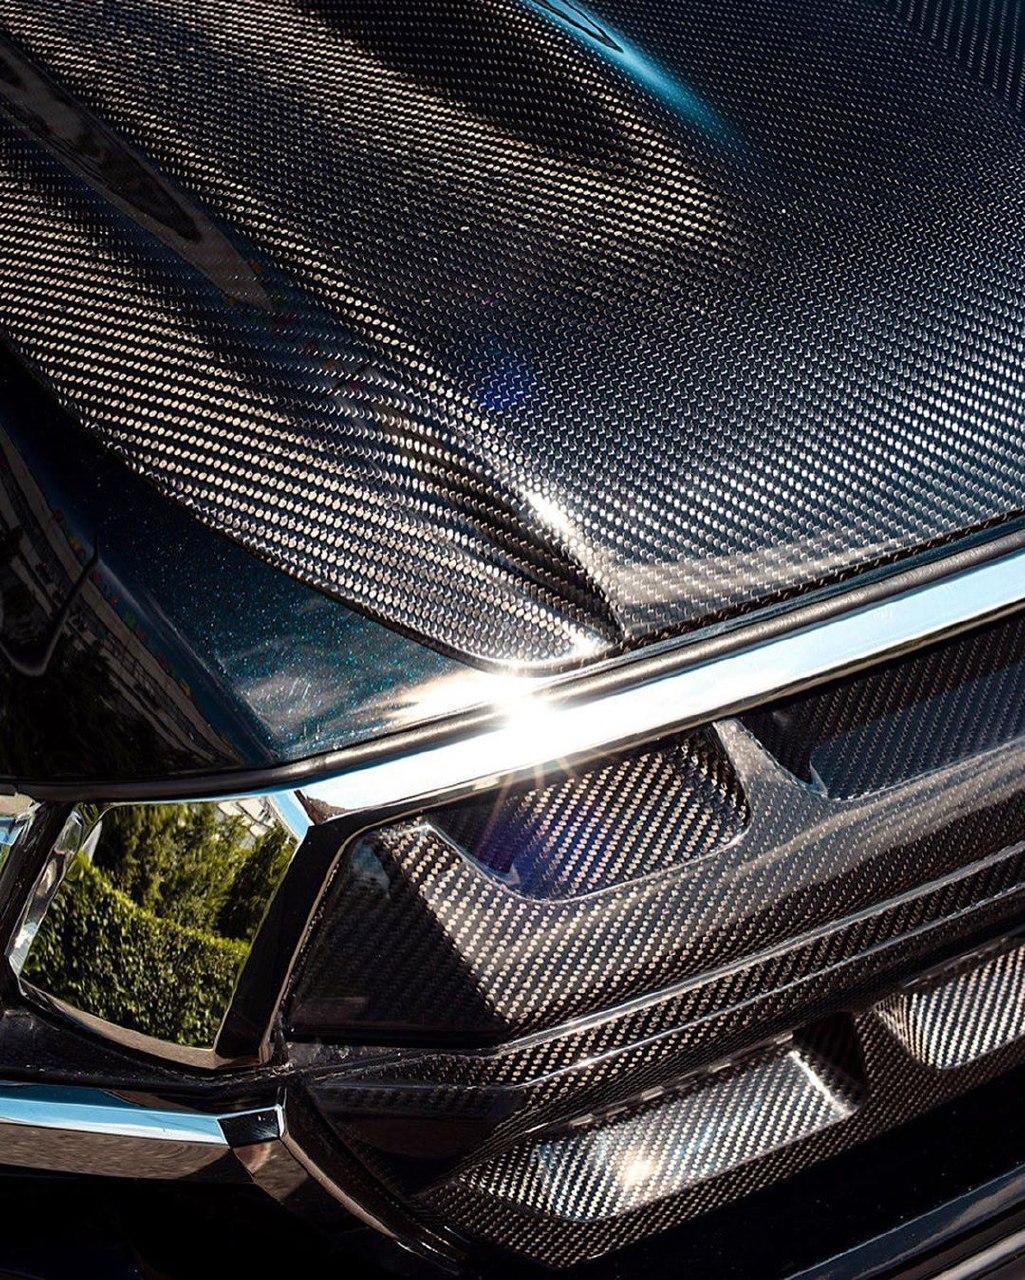 MTR Design Body Kit for Toyota Land Cruiser 200 new model